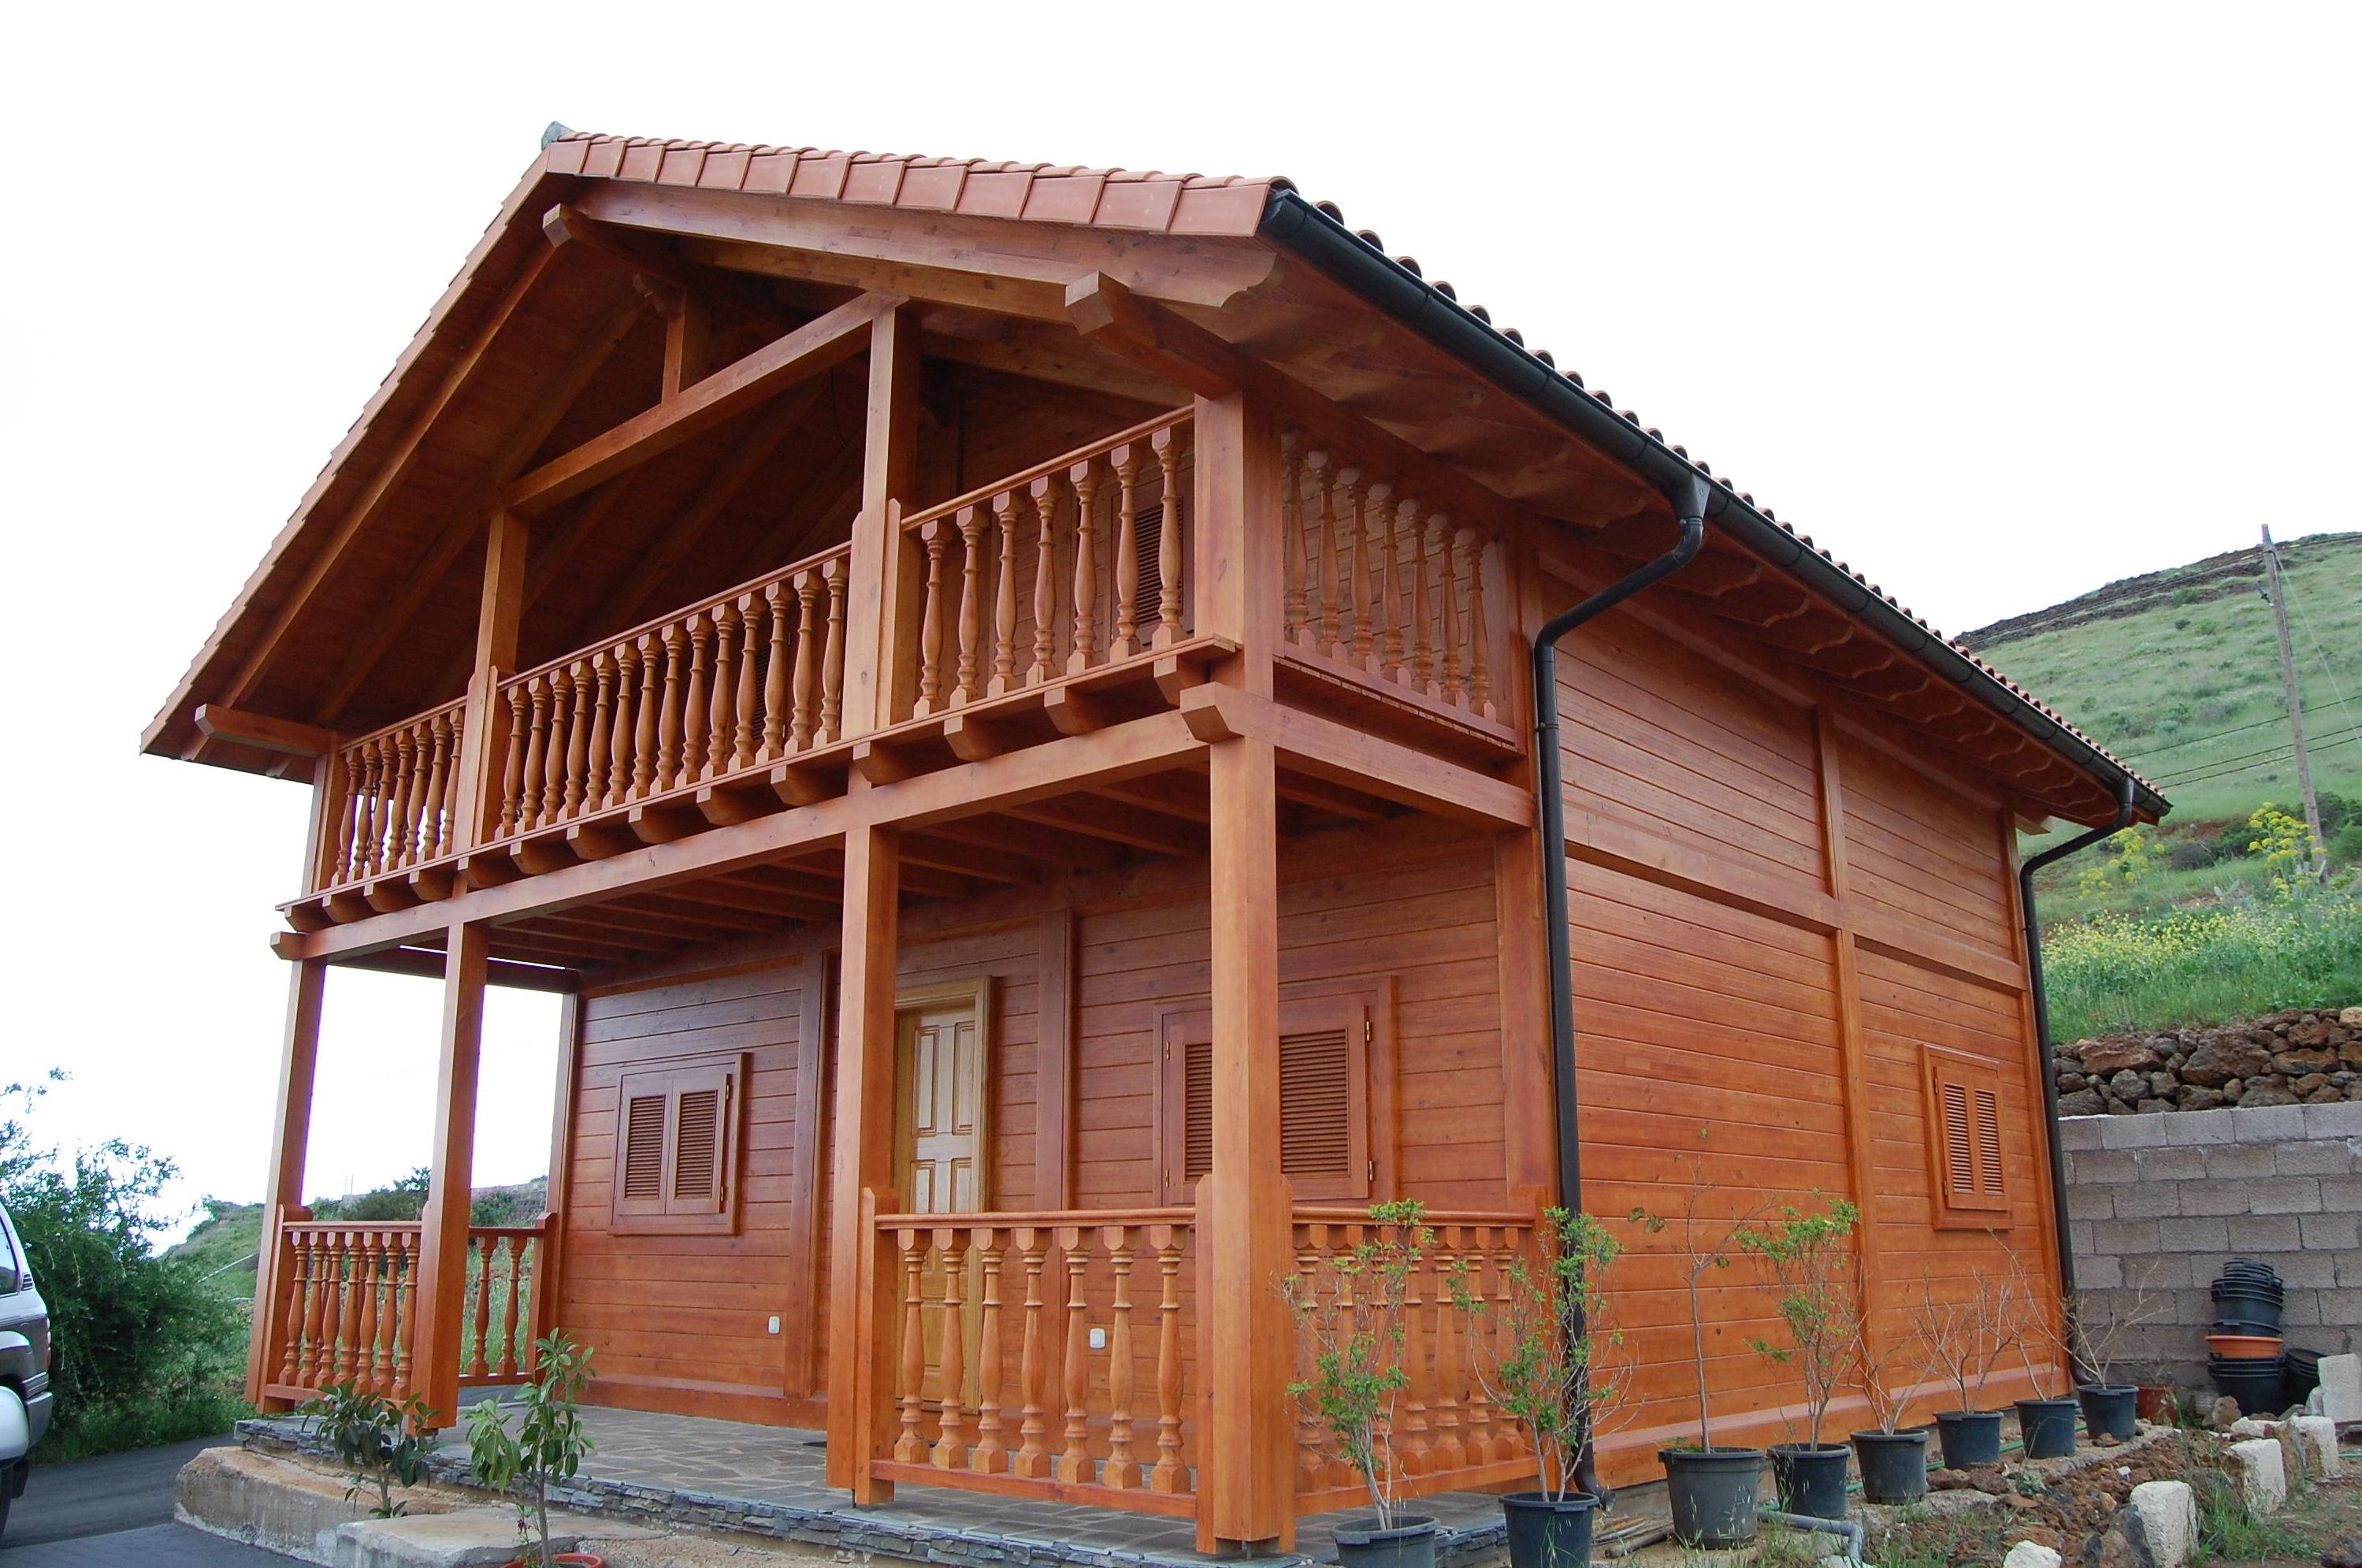 Foto 7 de casas de madera en tacoronte cortelima - Imagenes de casas de madera ...